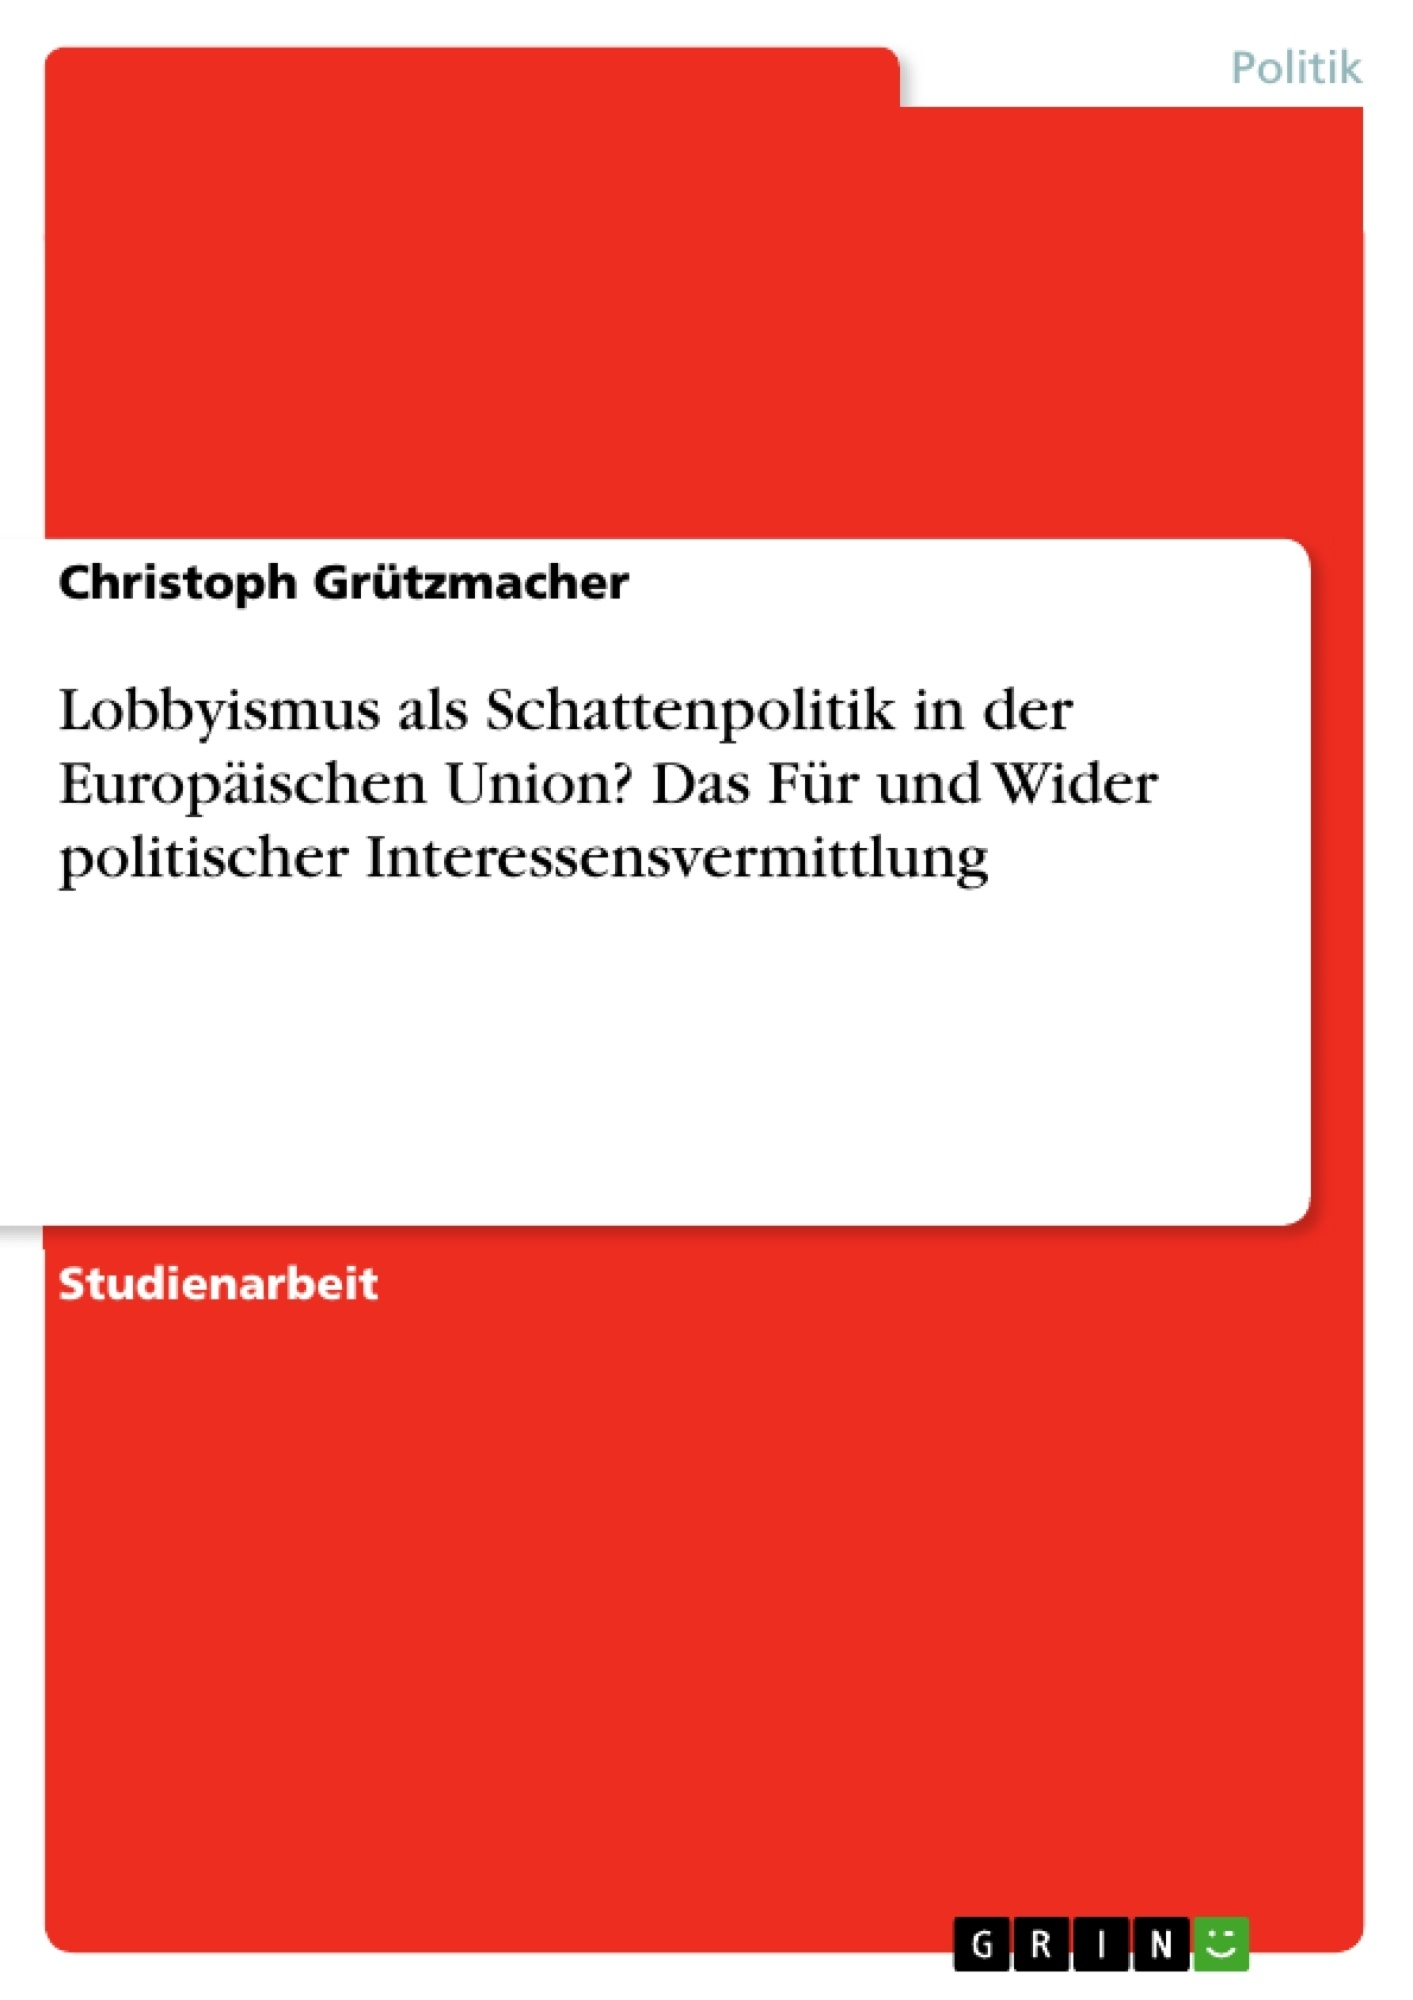 Titel: Lobbyismus als Schattenpolitik in der Europäischen Union? Das Für und Wider politischer Interessensvermittlung